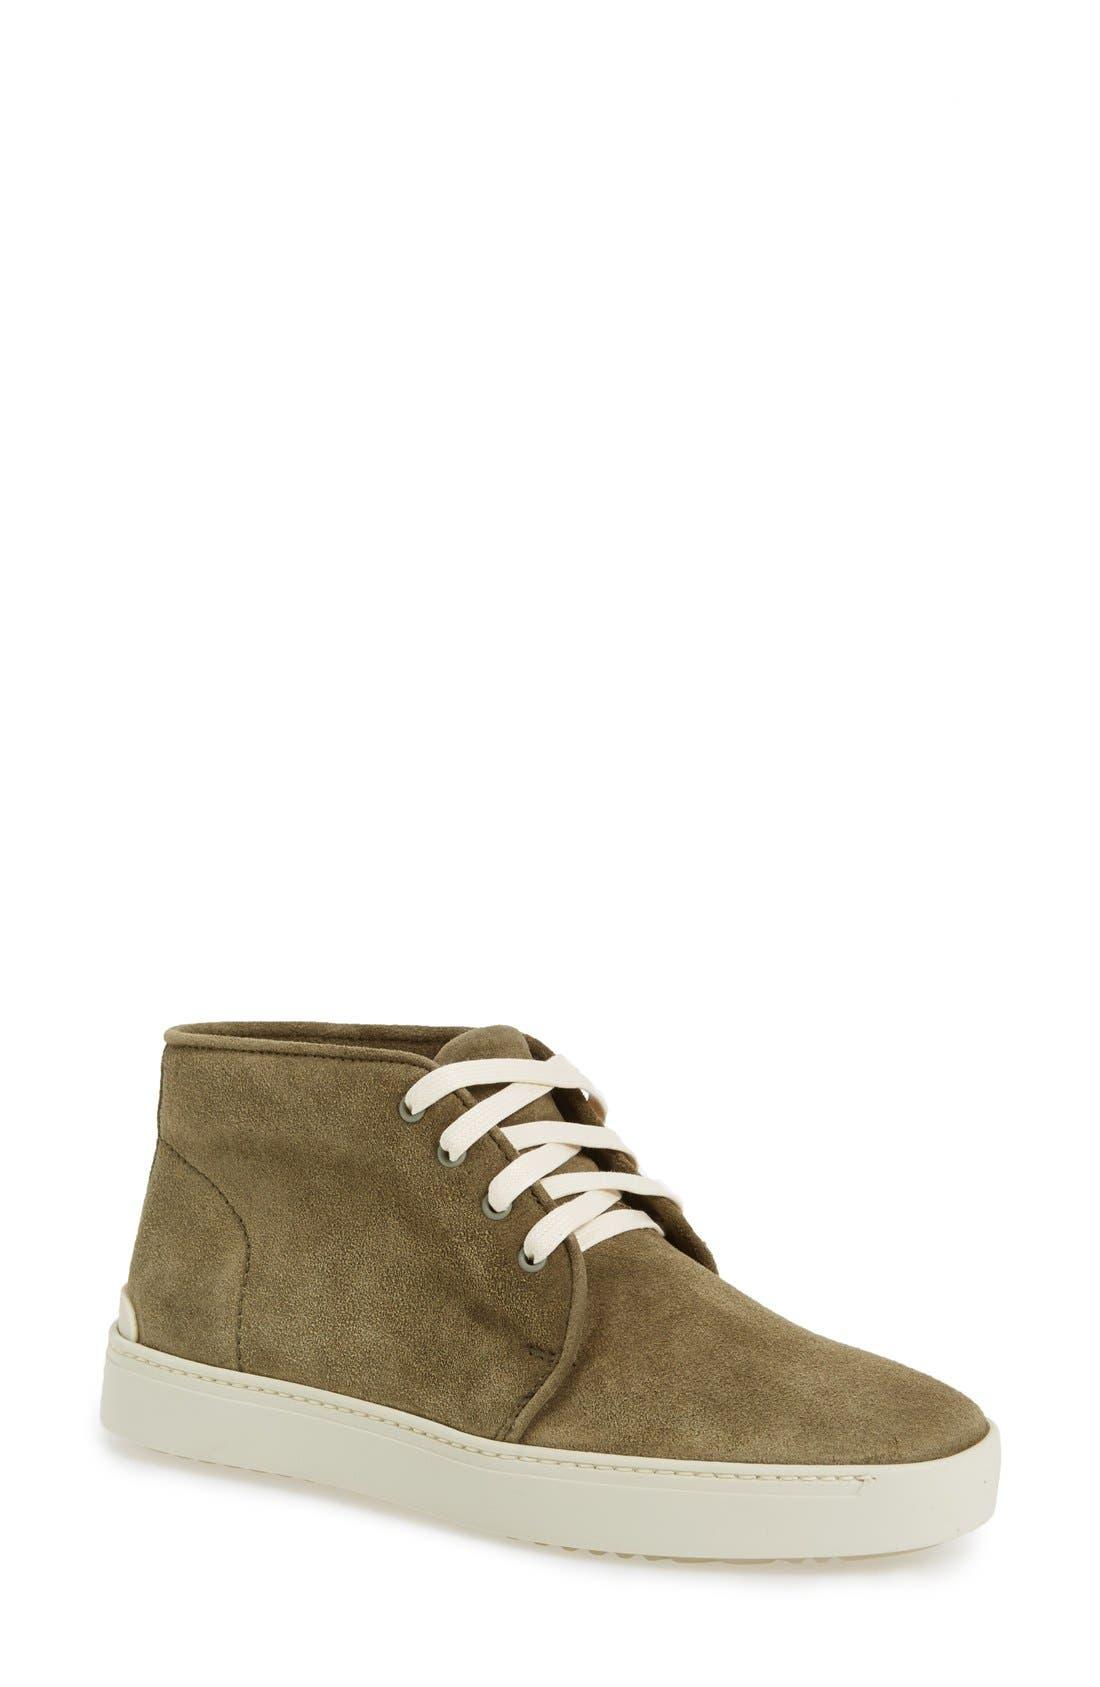 Alternate Image 1 Selected - rag & bone 'Kent' Desert Boot (Women)